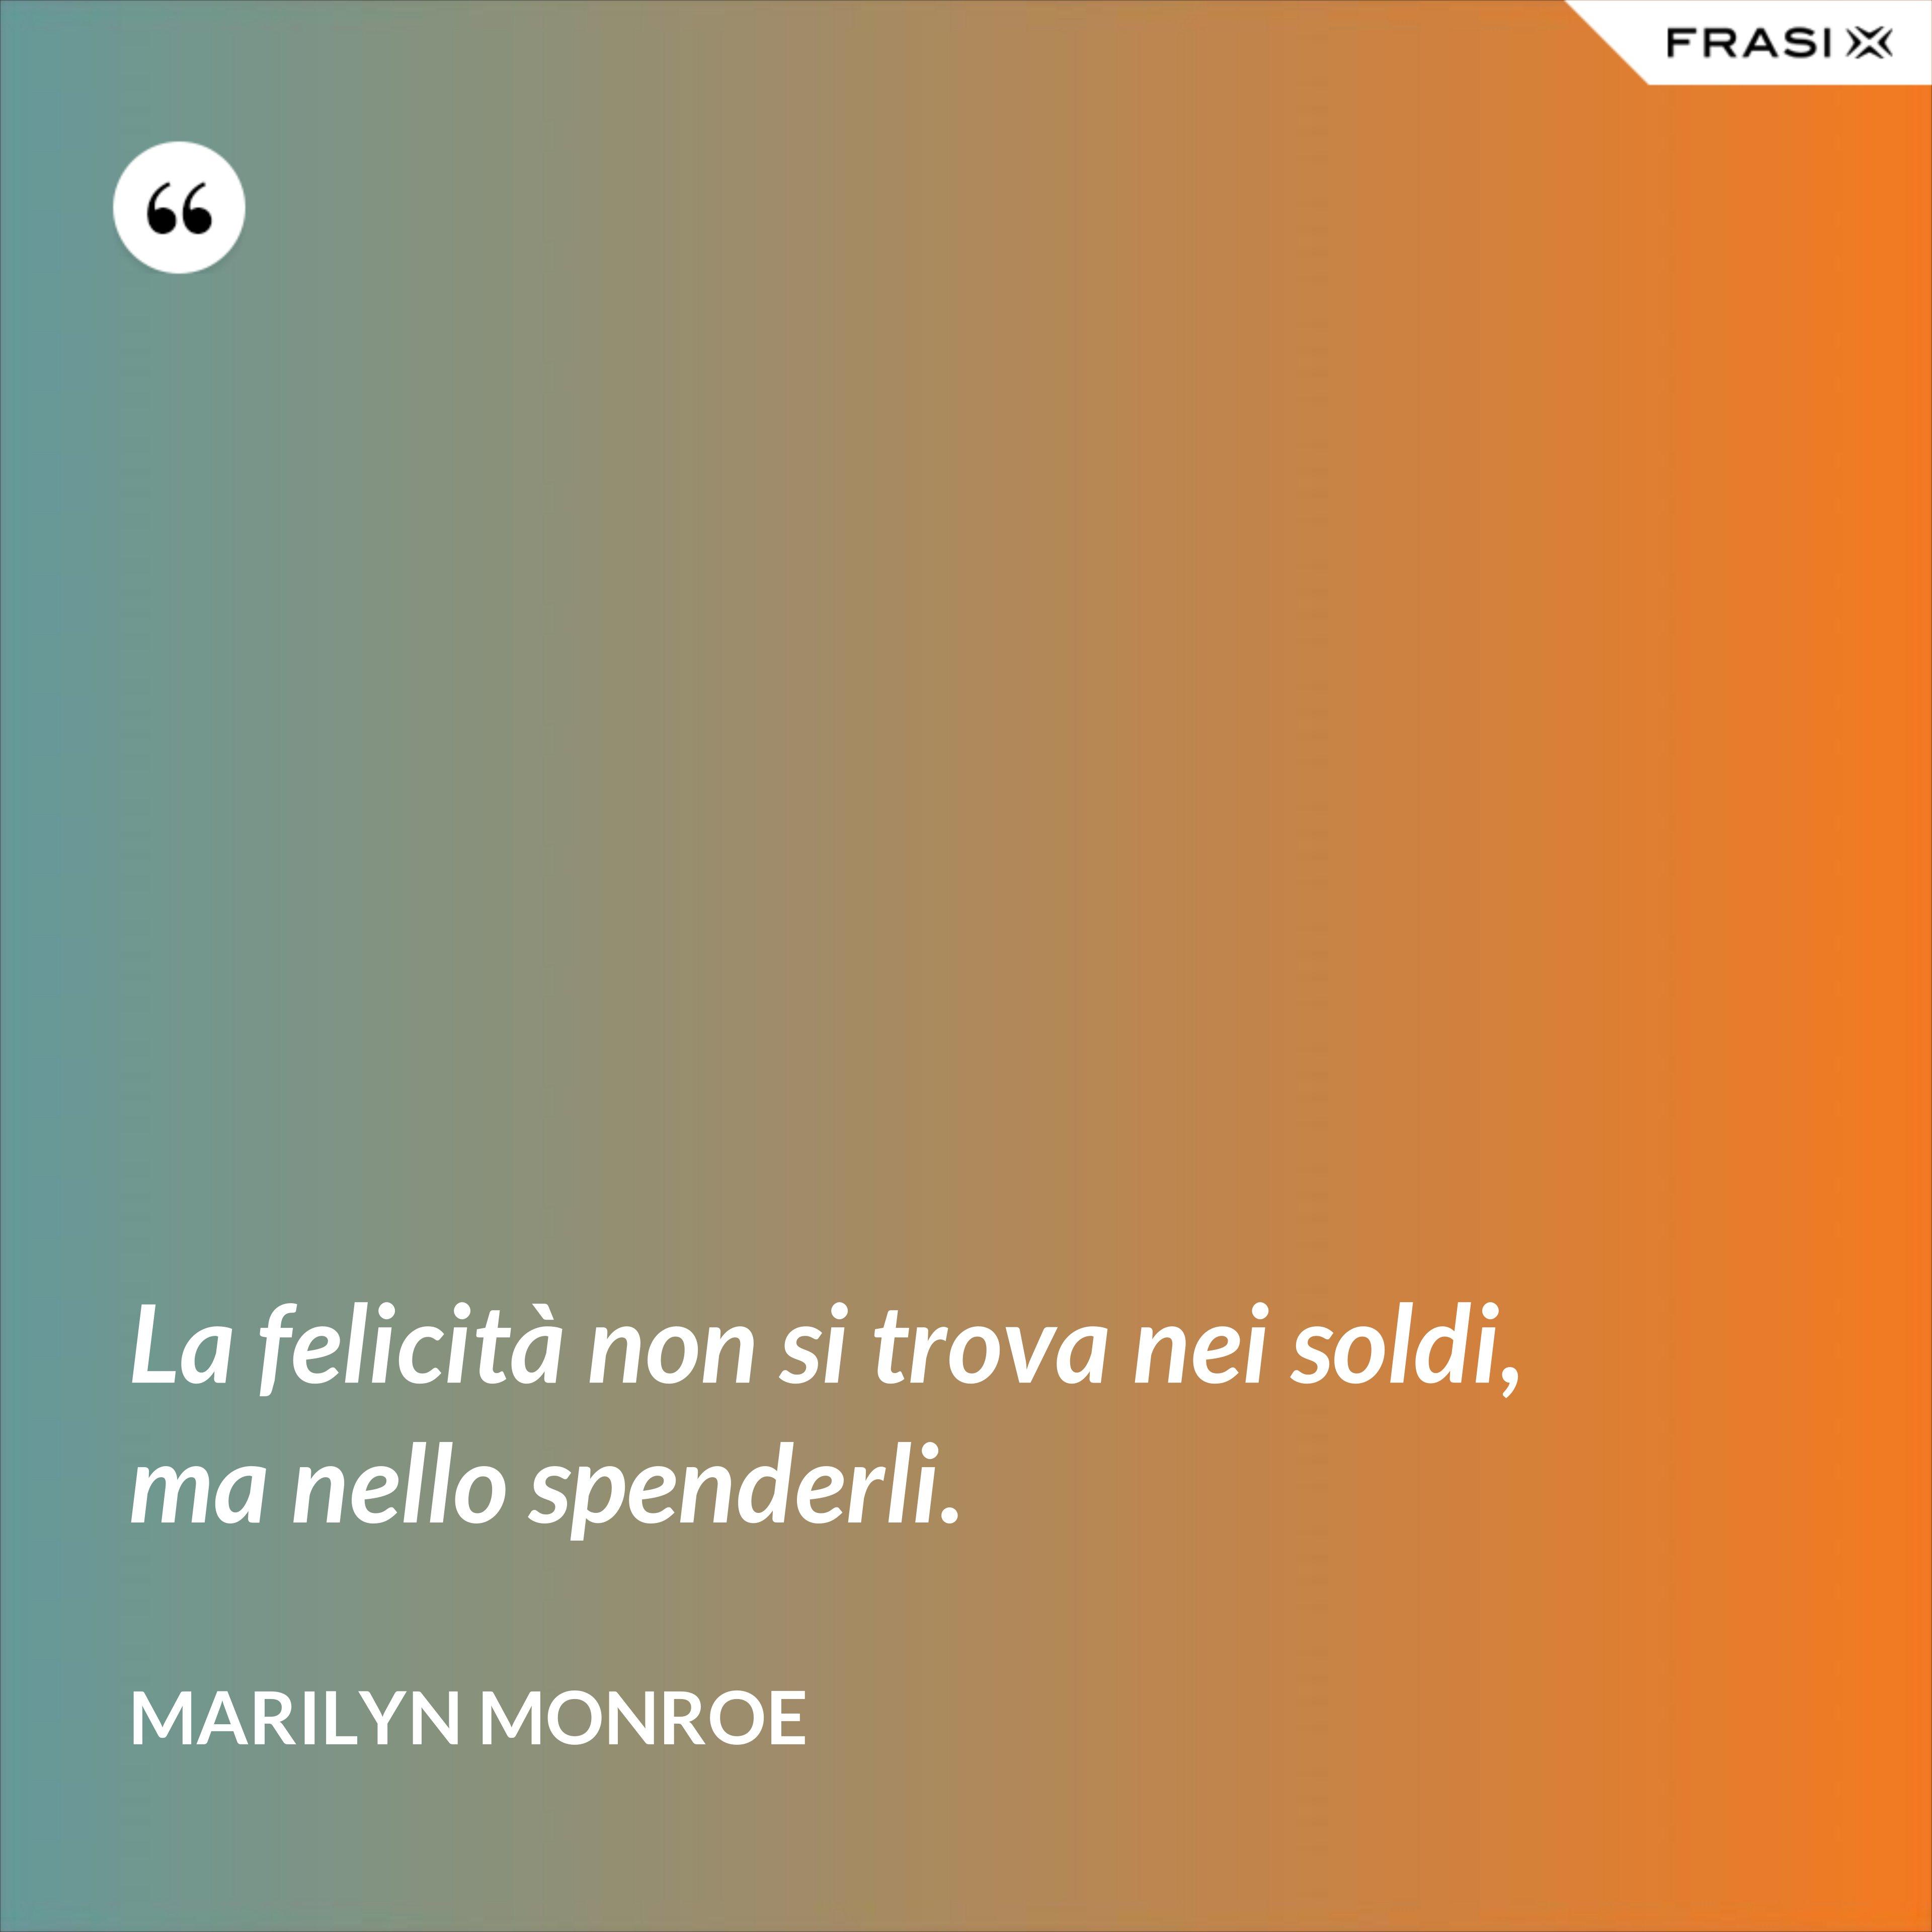 La felicità non si trova nei soldi, ma nello spenderli. - Marilyn Monroe